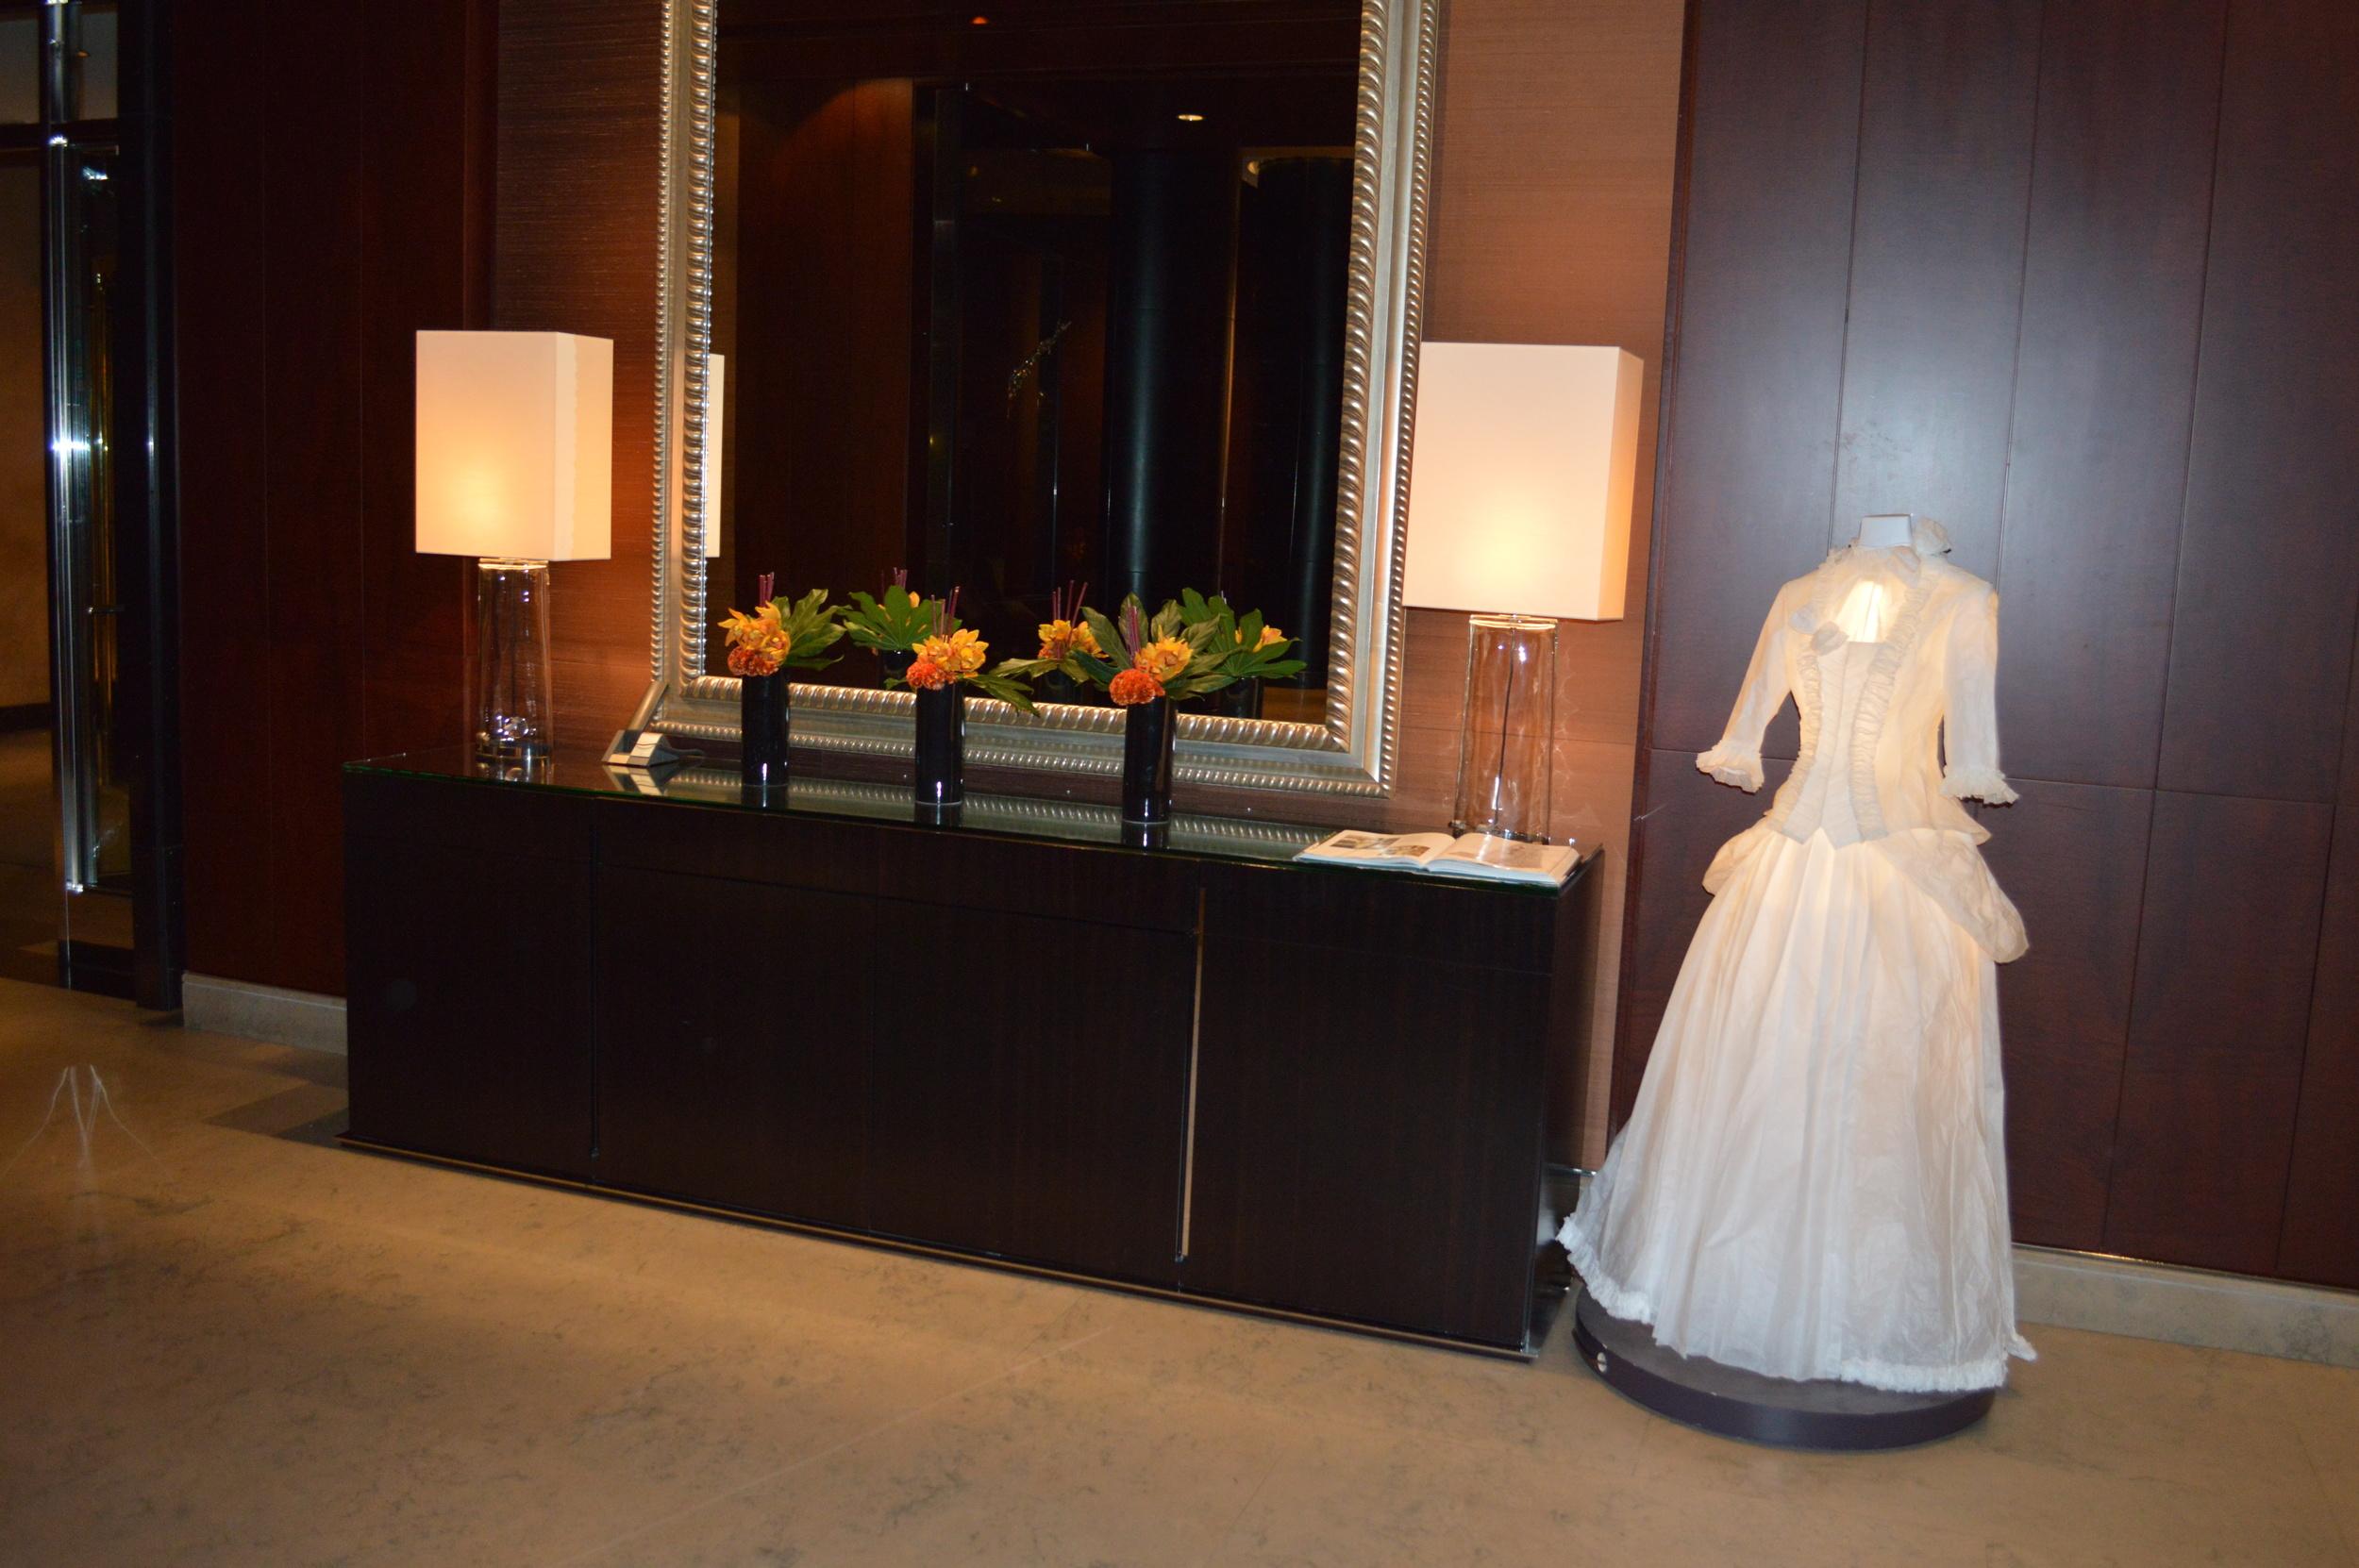 Park Hyatt Lobby paper dress